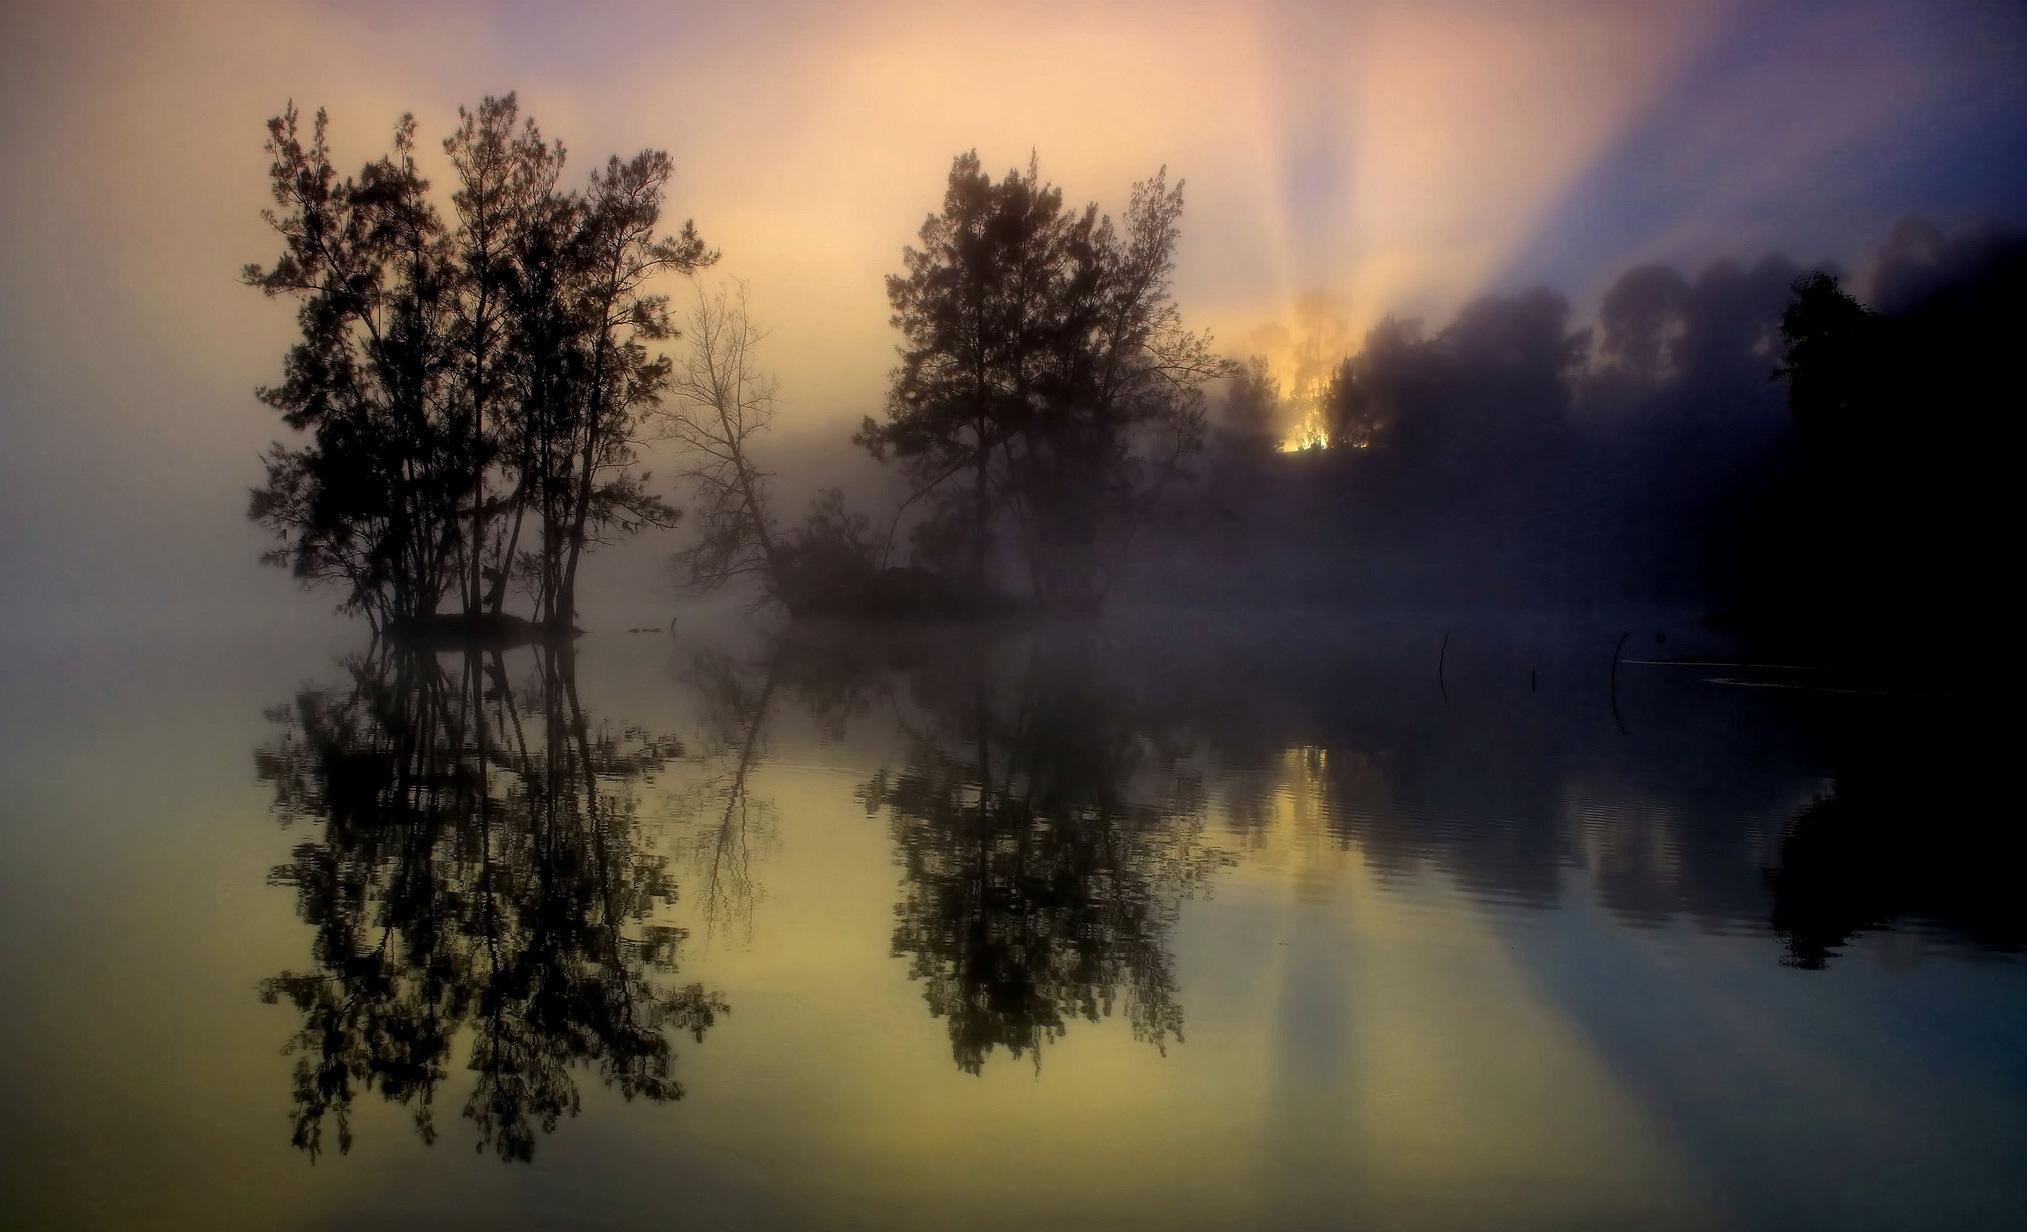 природа озеро отражение деревья вечер бесплатно